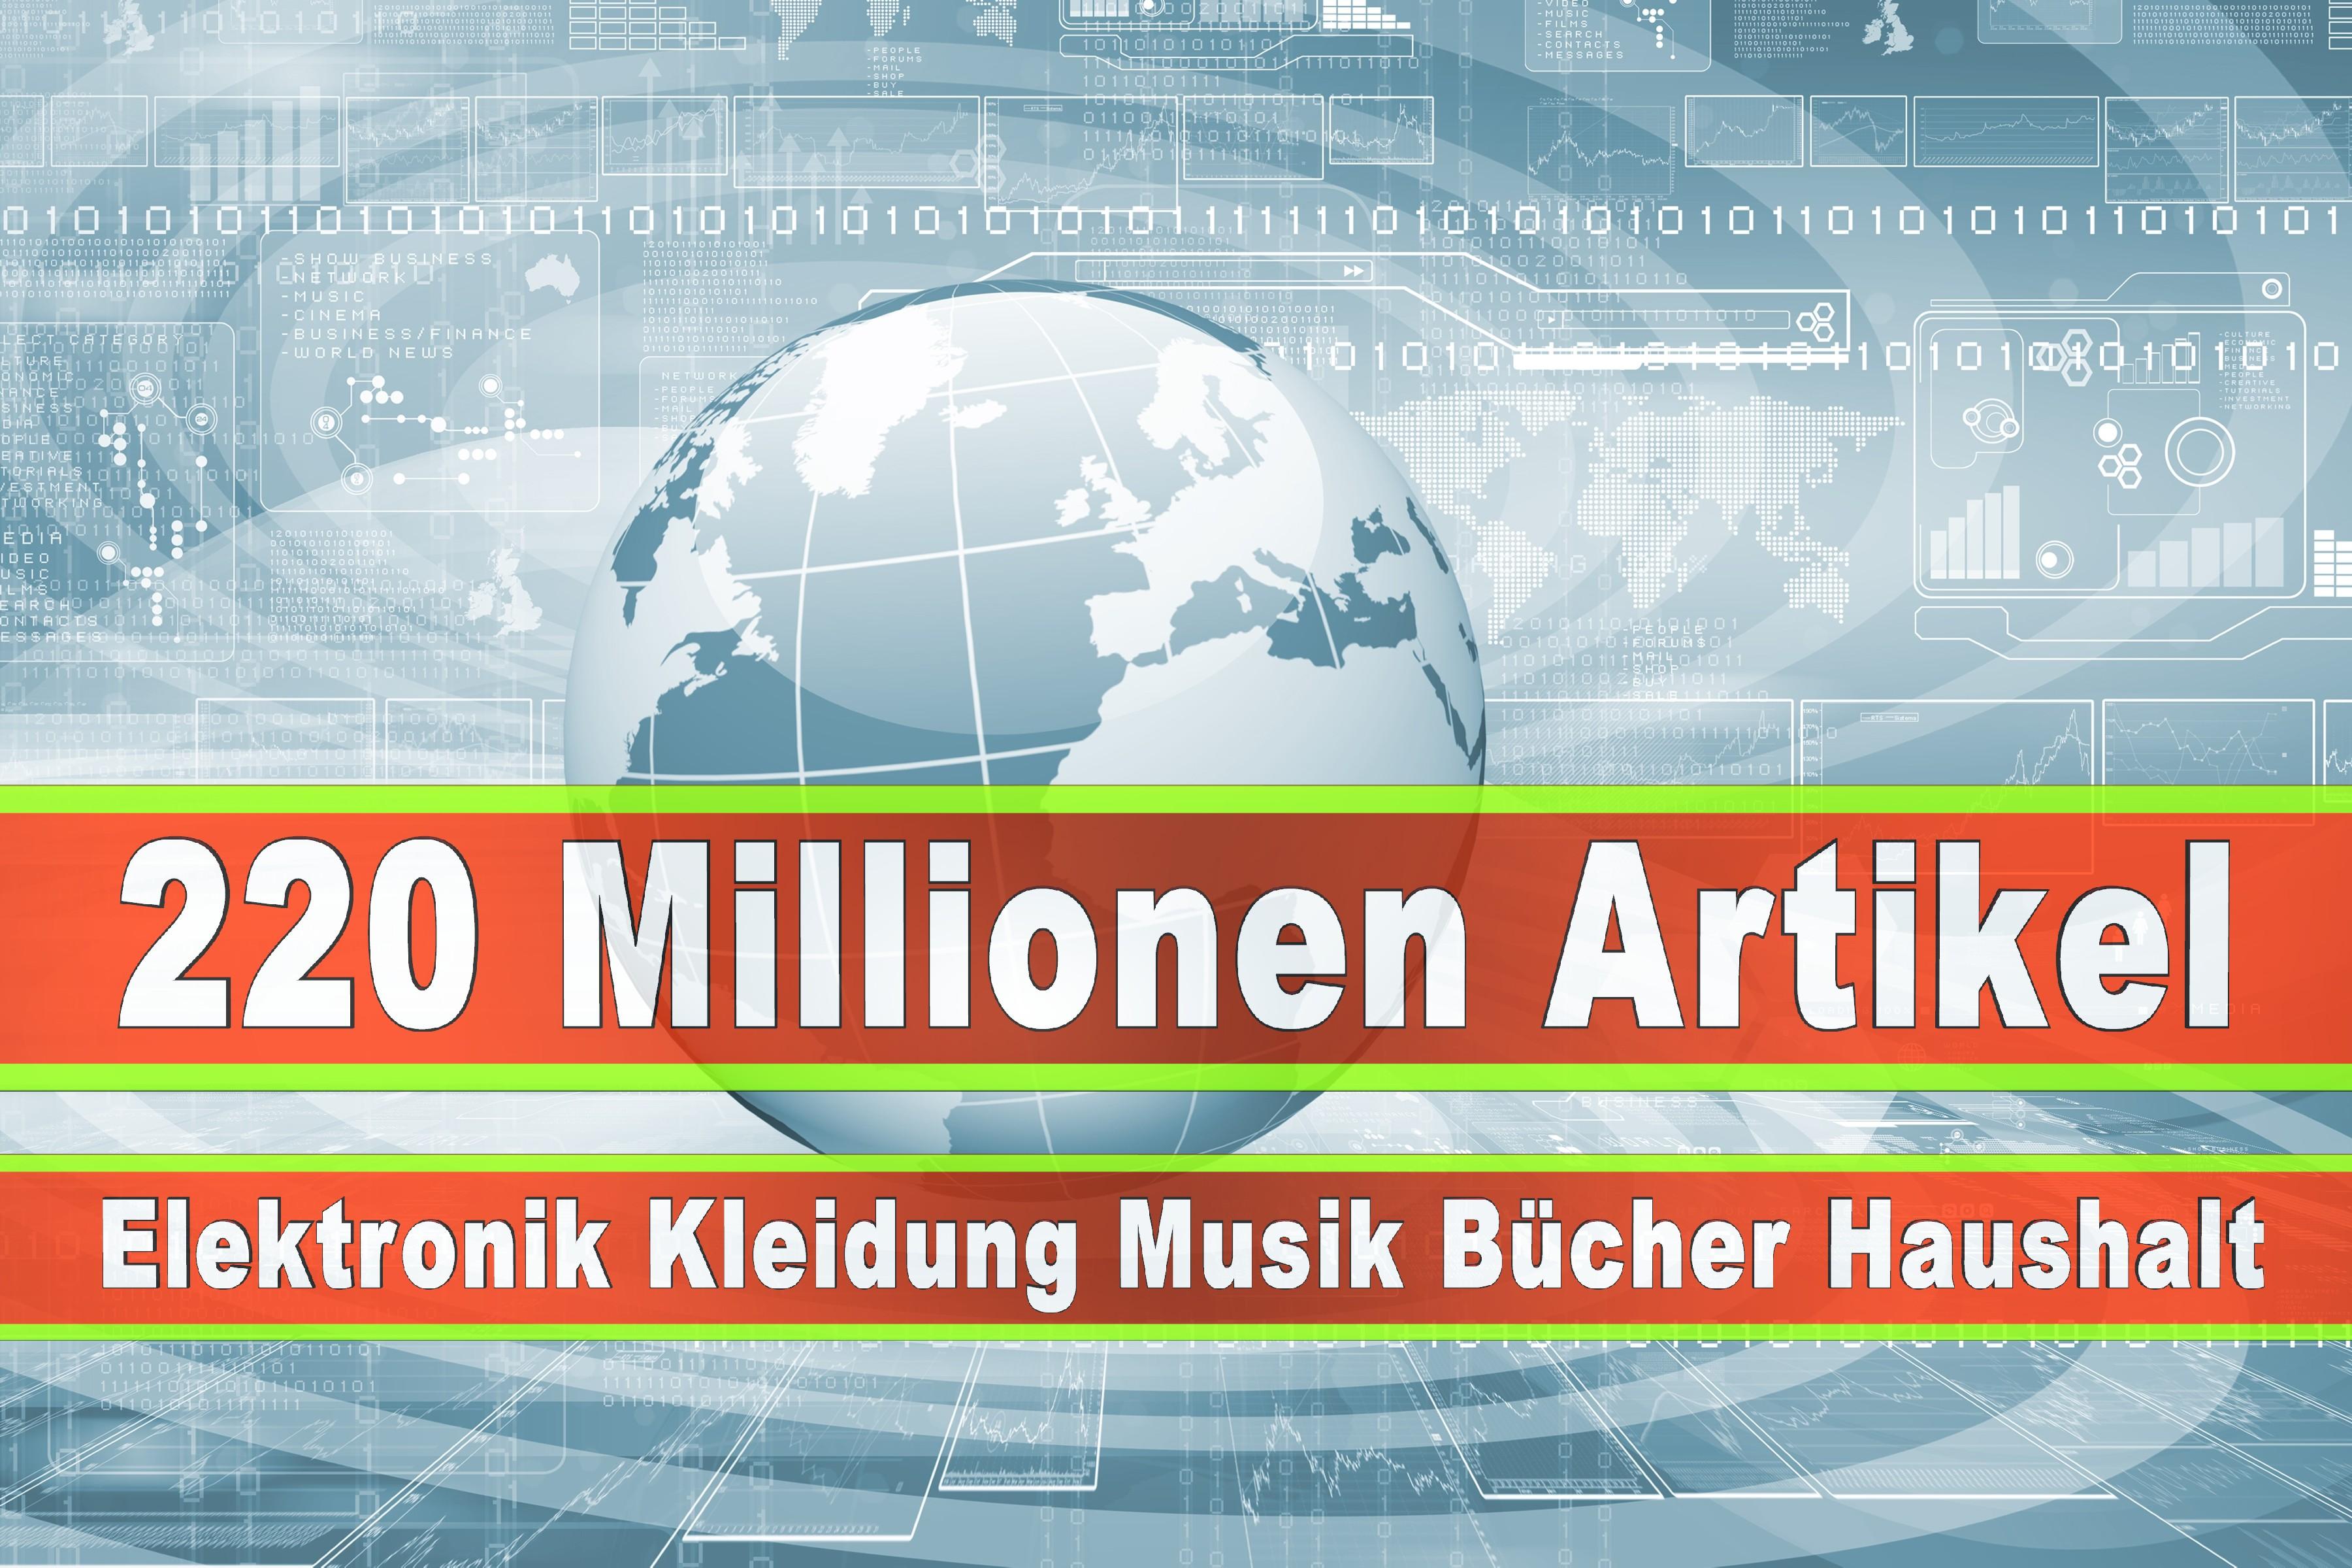 Amazon Elektronik Musik Haushalt Bücher CD DVD Handys Smartphones TV Television Fernseher Kleidung Mode Ebay Versandhaus (90)